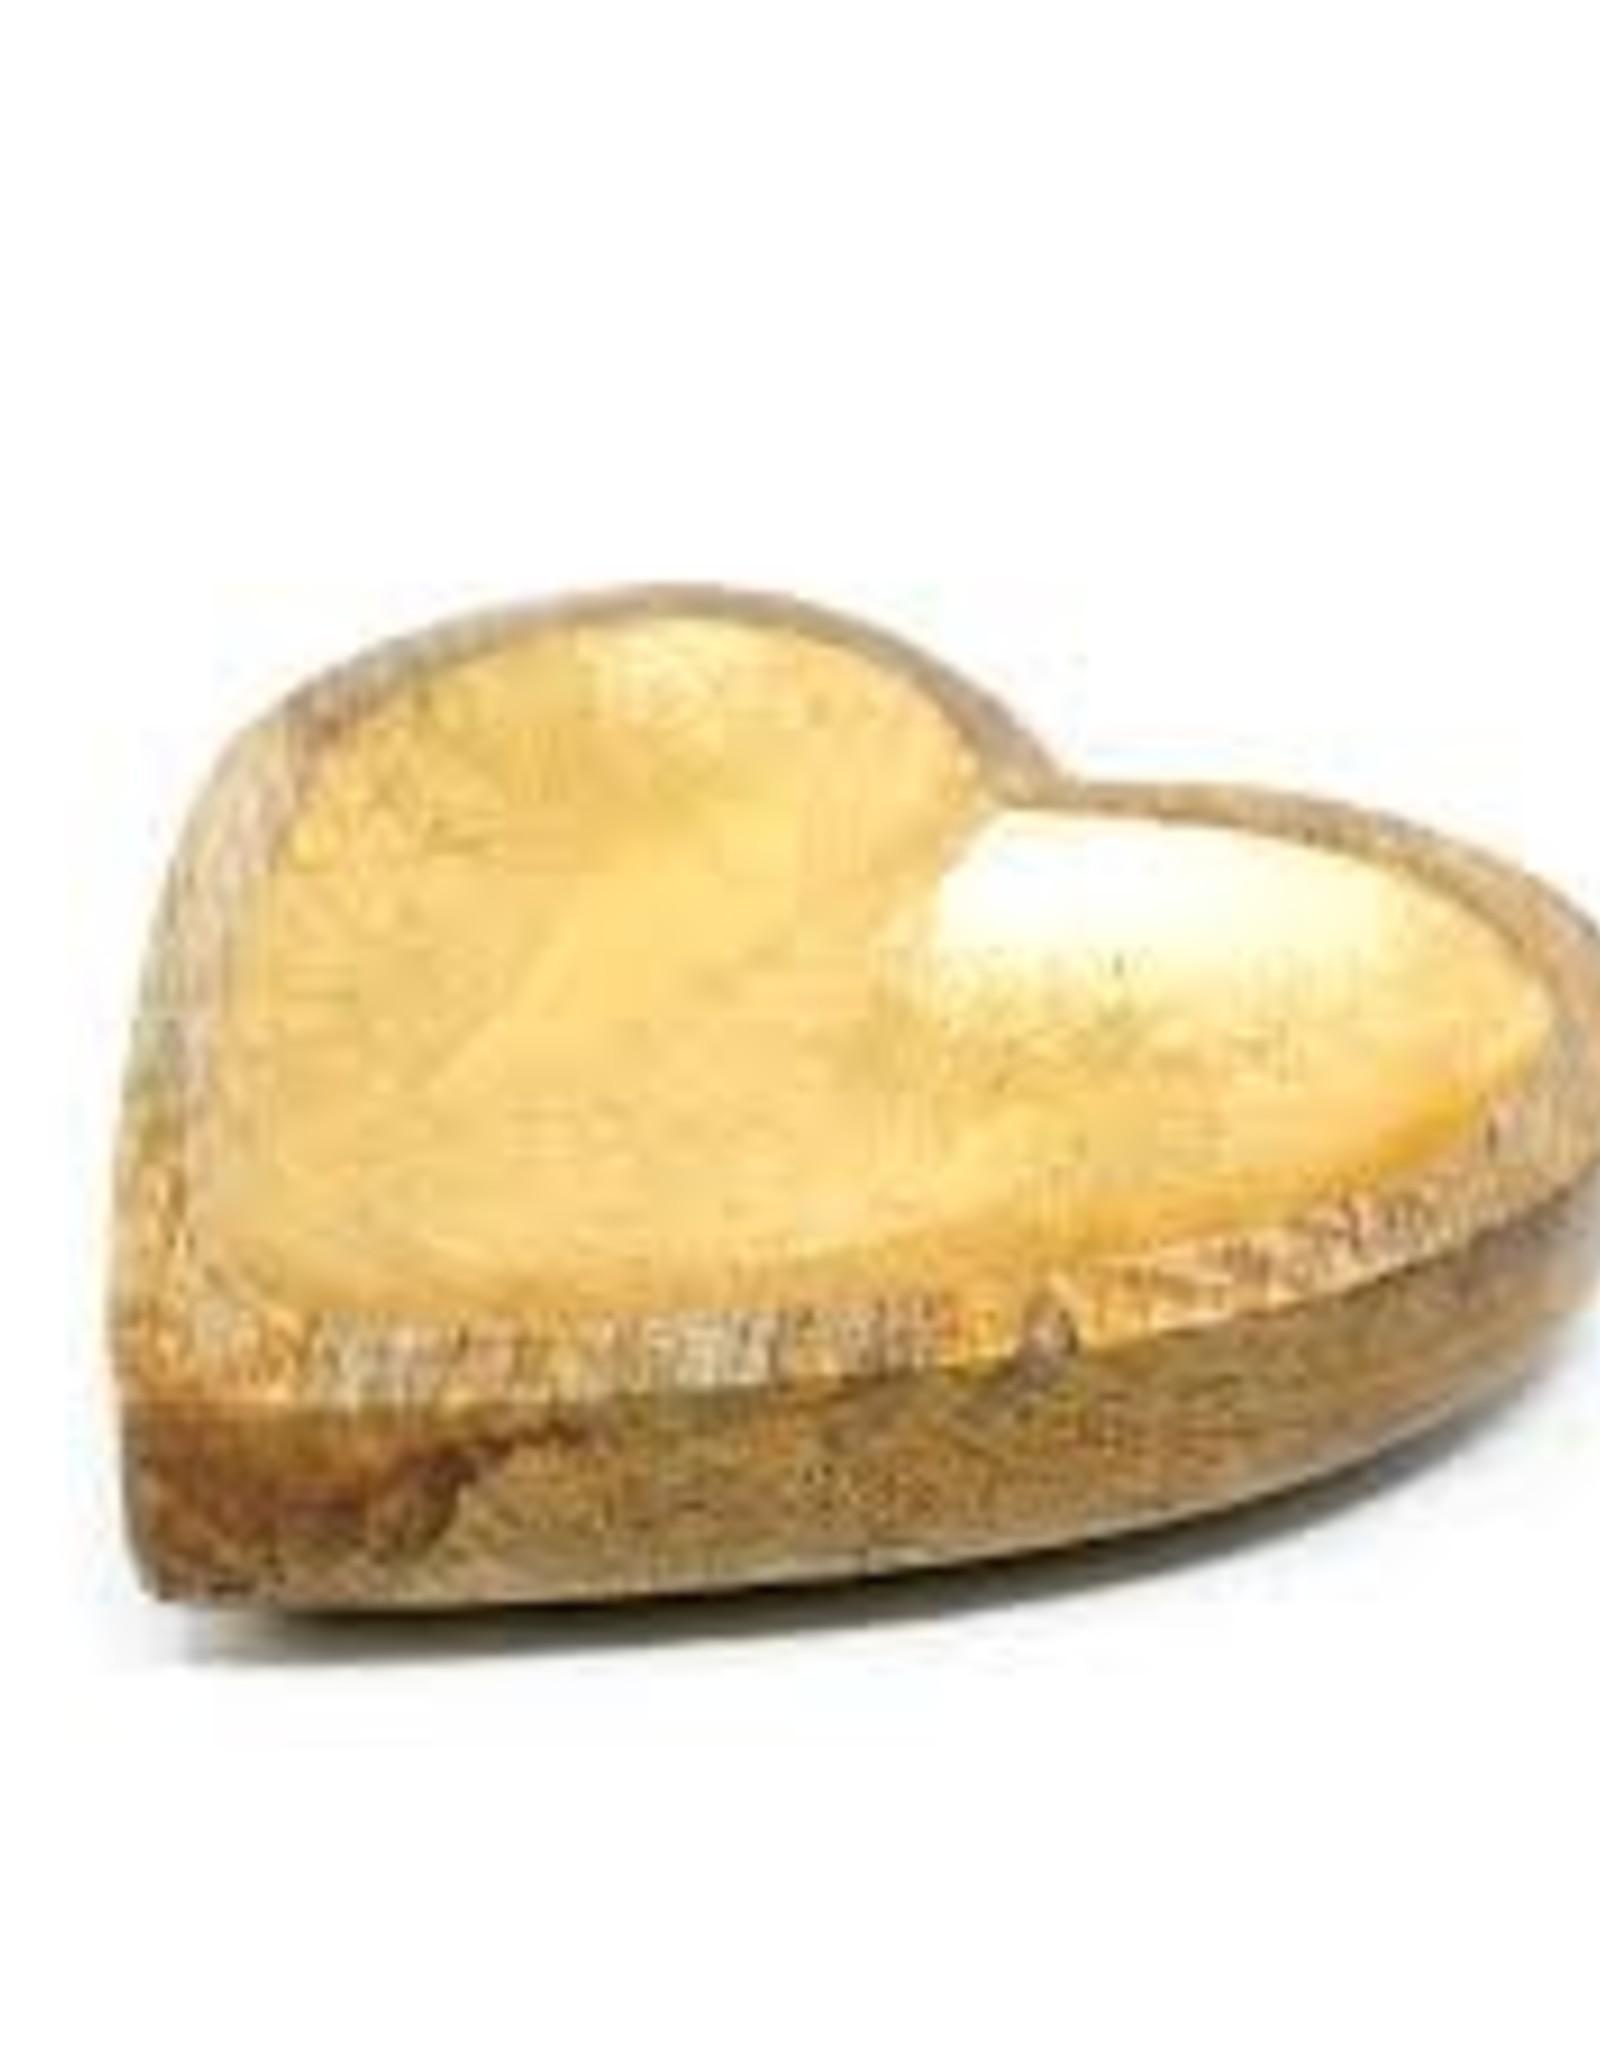 Mango Wood Heart Tray - Gold Leaf